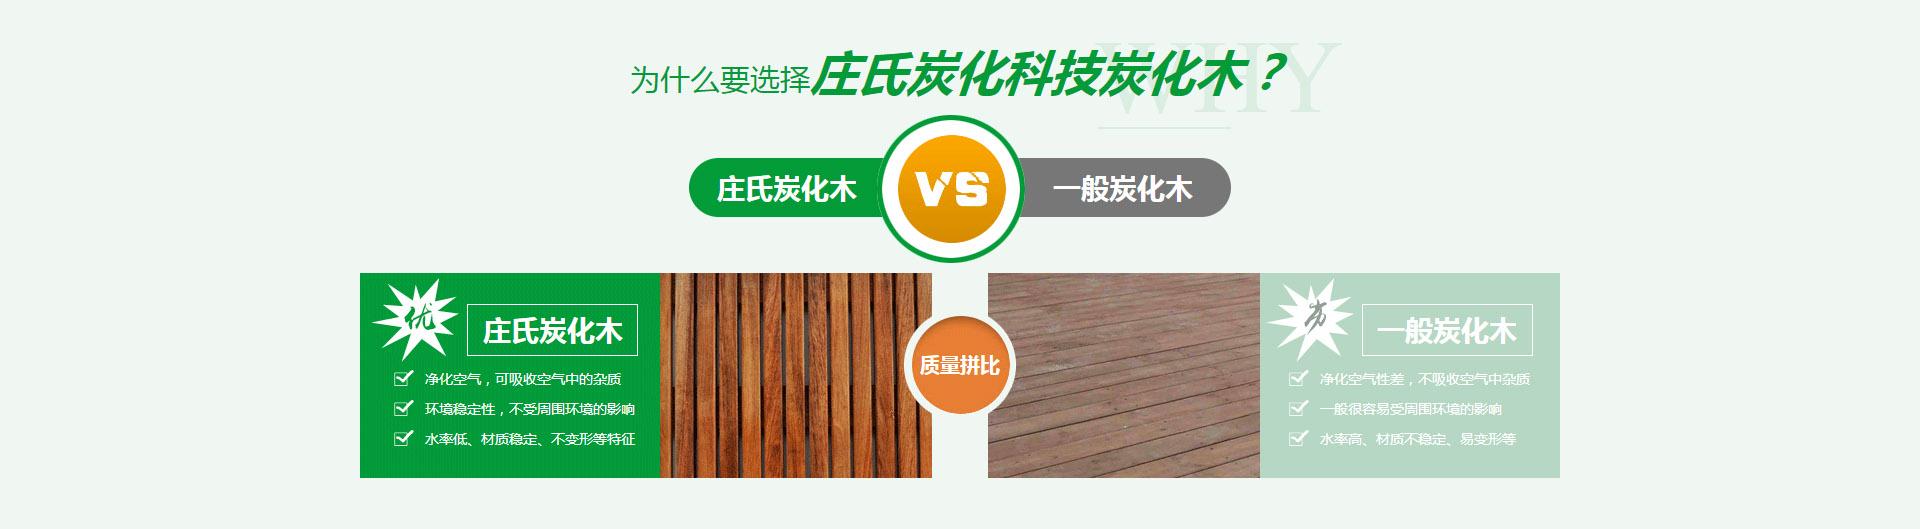 庄氏炭化科技炭化木对比